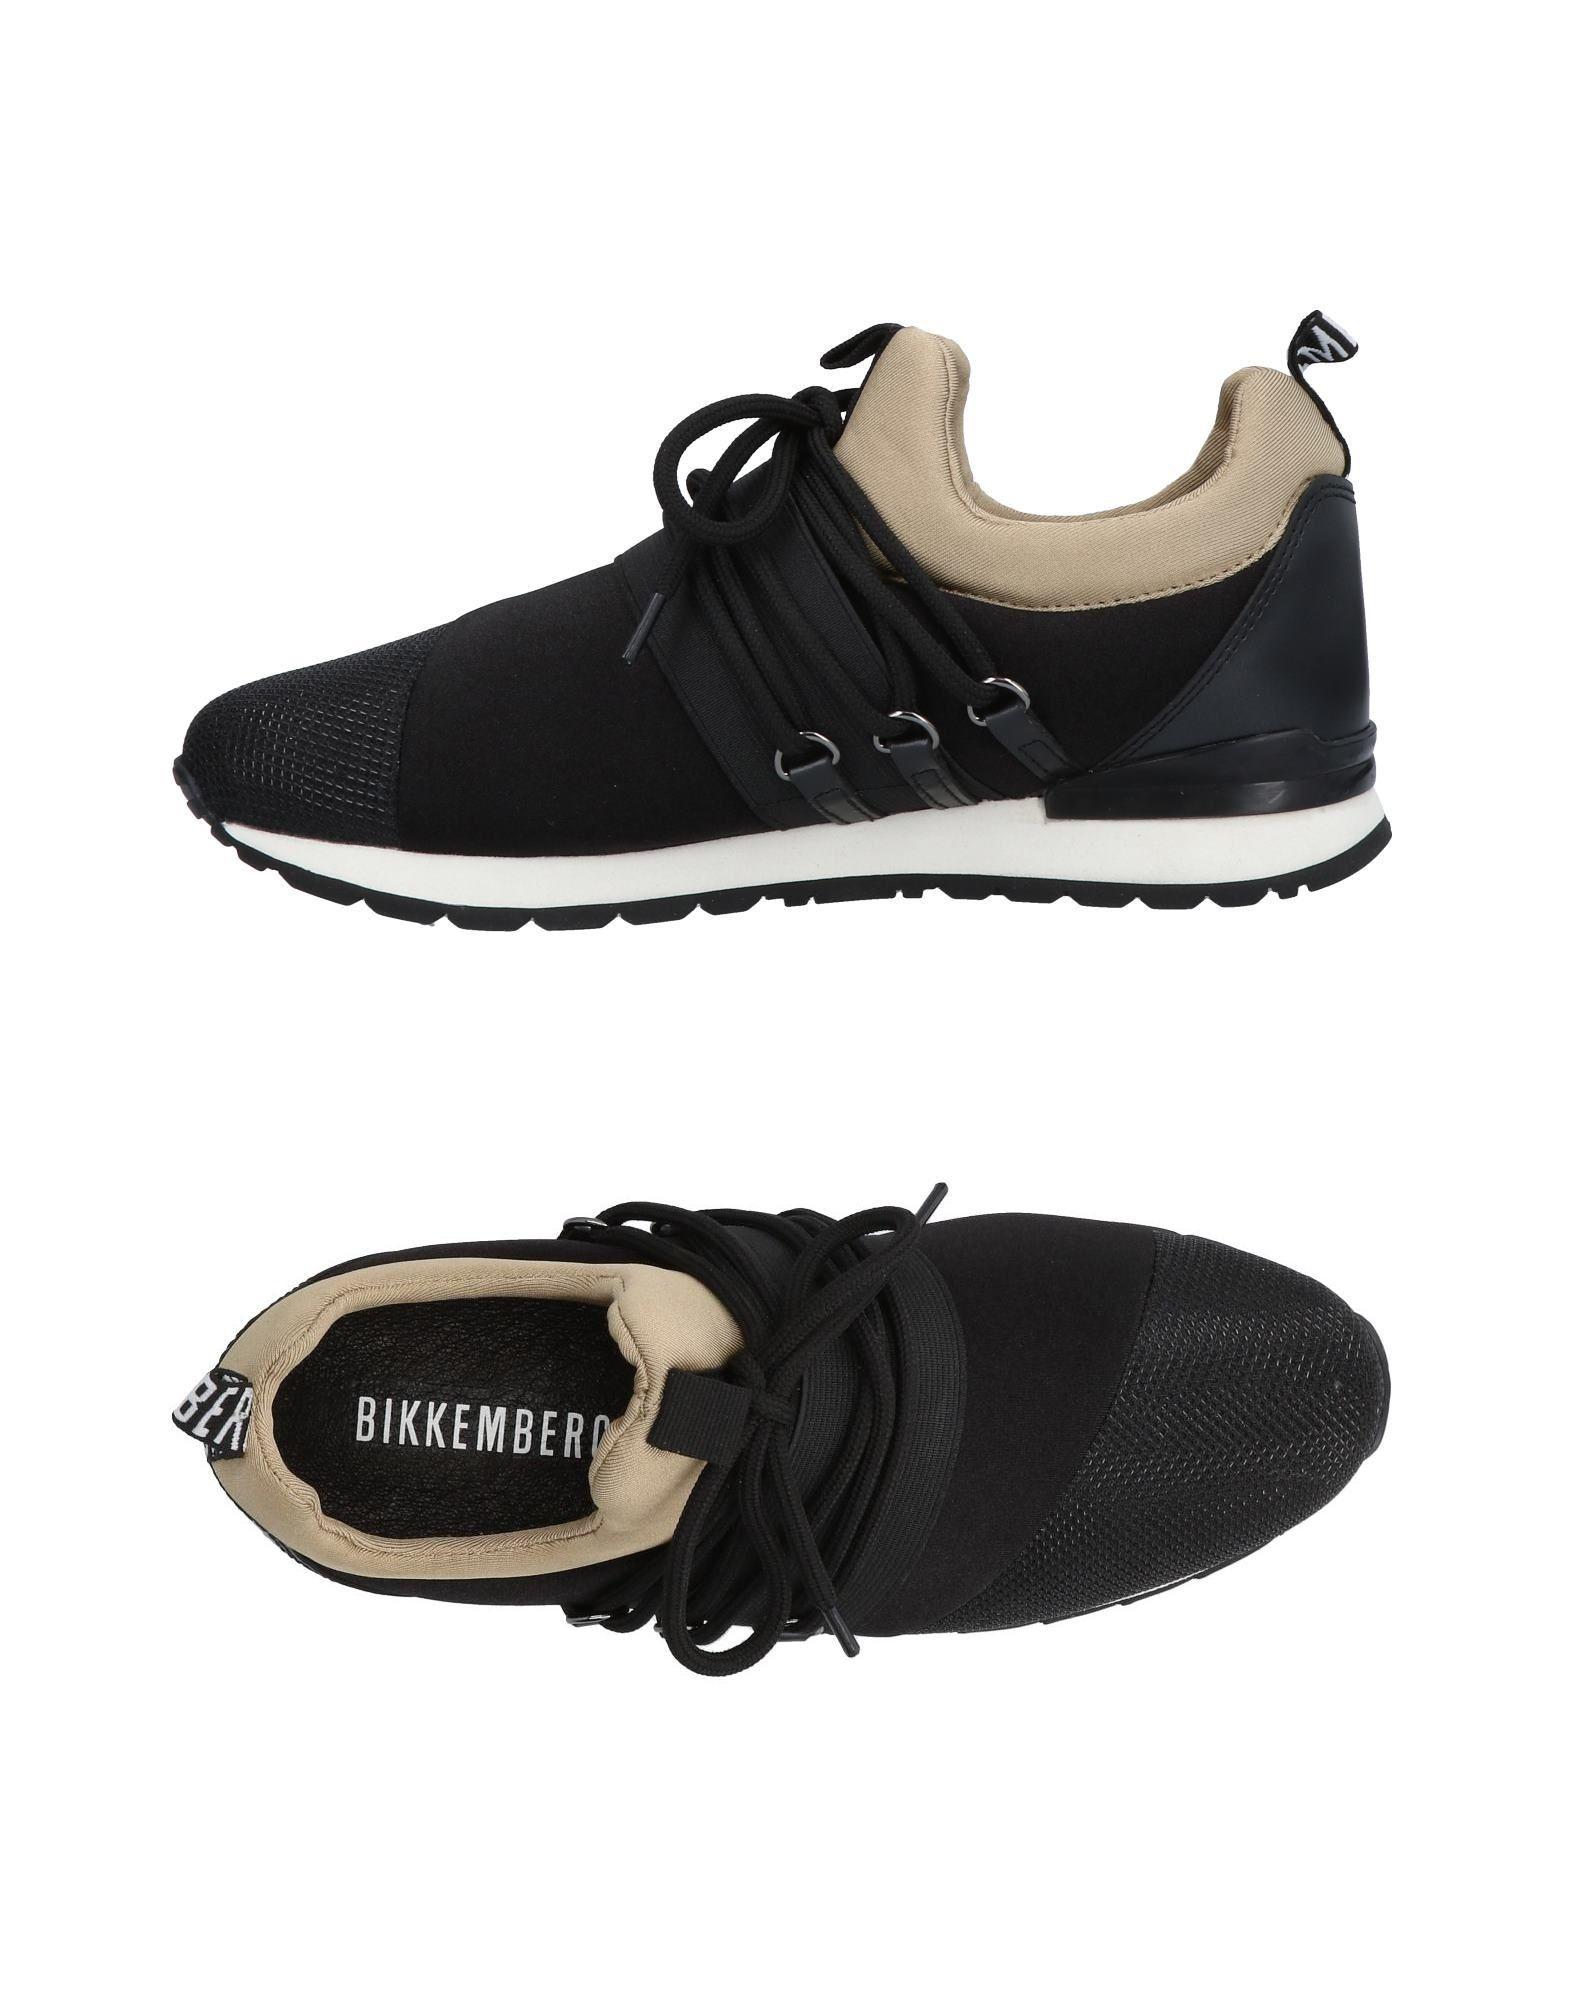 Scarpe economiche e resistenti Sneakers Bikkembergs Donna - 11451068XR